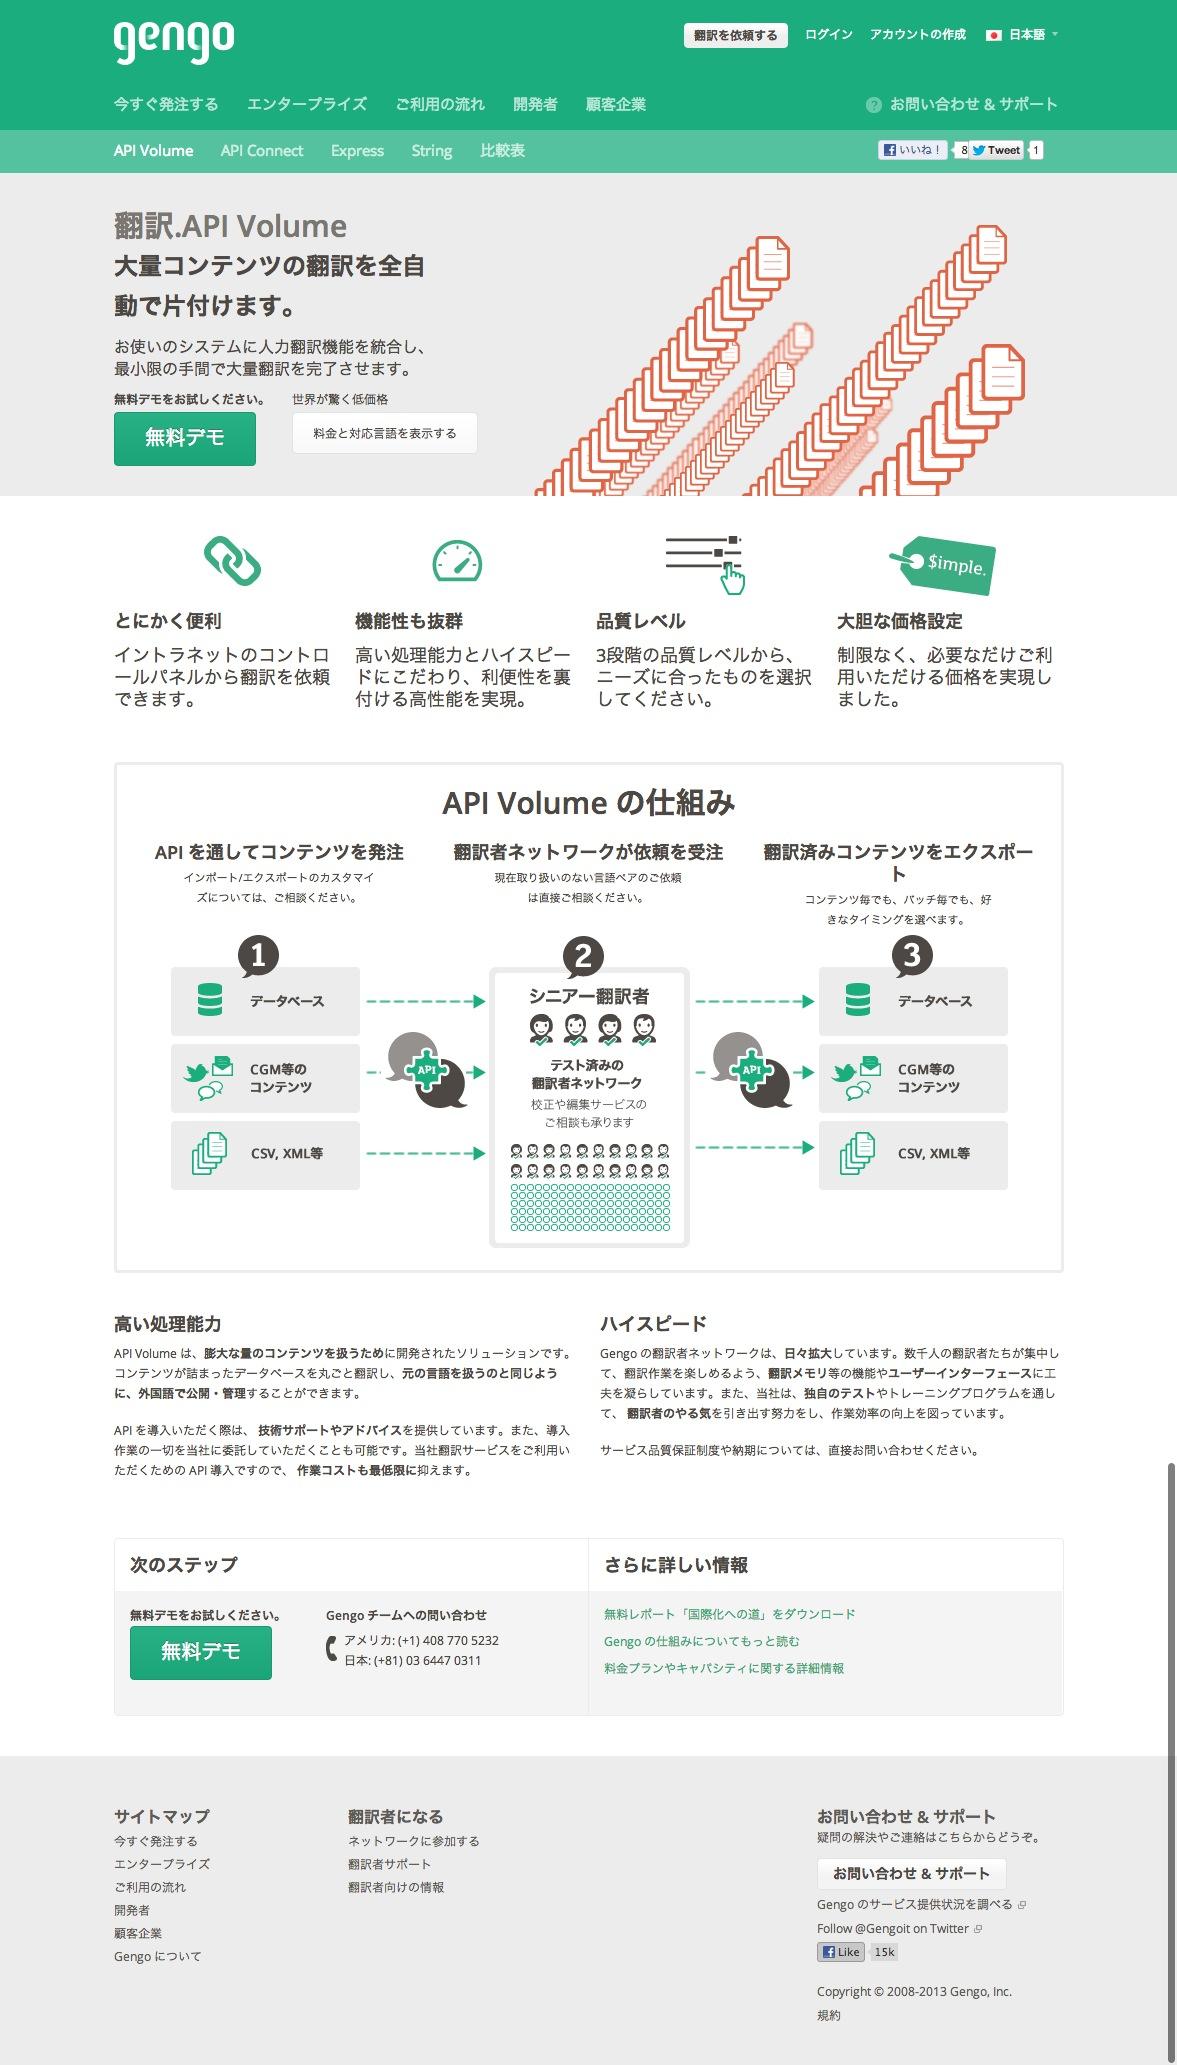 人力翻訳、翻訳サービス、翻訳API  Gengo(ゲンゴ) API